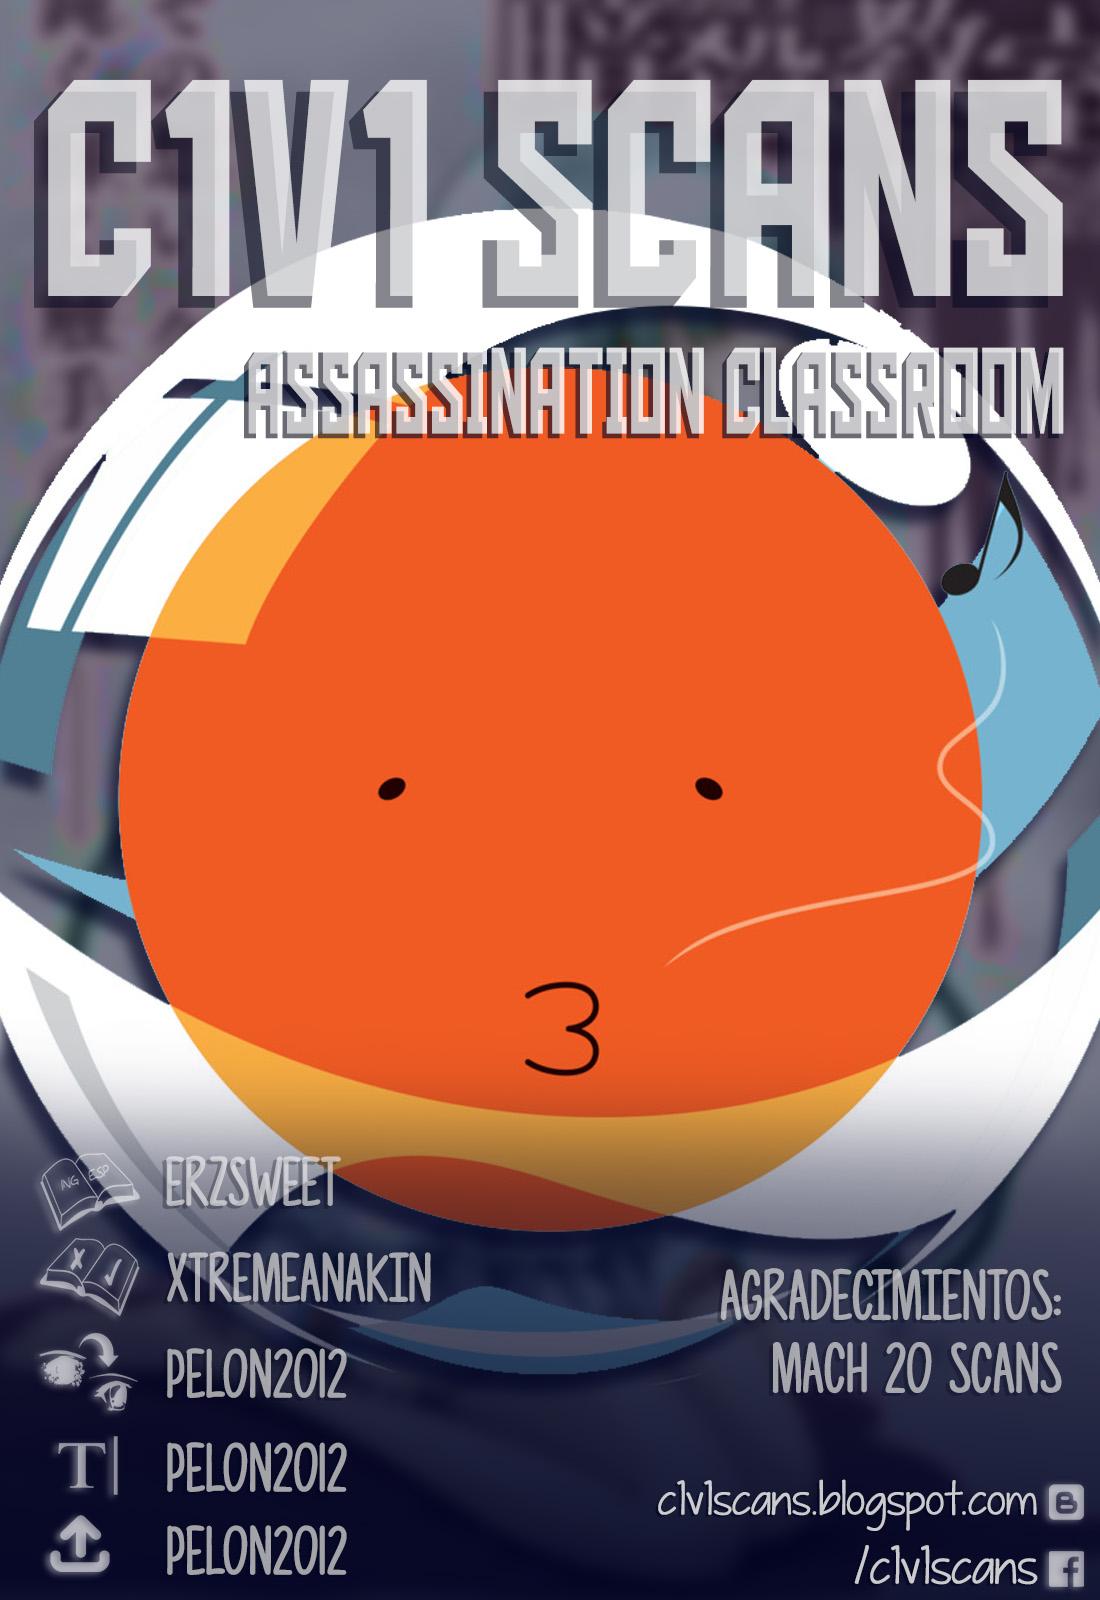 http://c5.ninemanga.com/es_manga/63/255/448129/4dd102b5acdcad1efe19766f886efd27.jpg Page 1